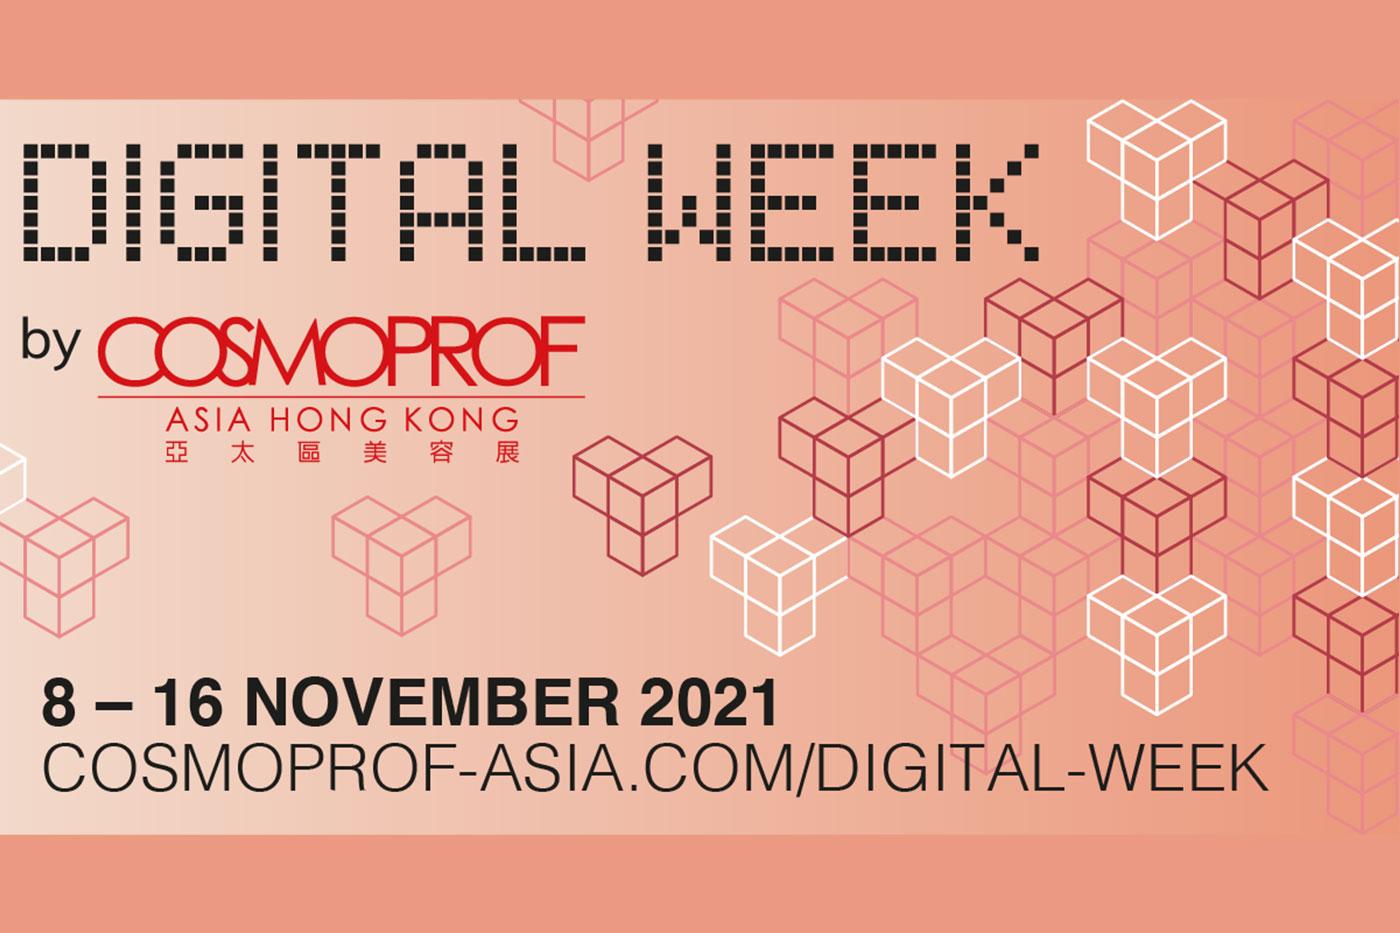 Cosmoprof Asia Digital Week starts in November